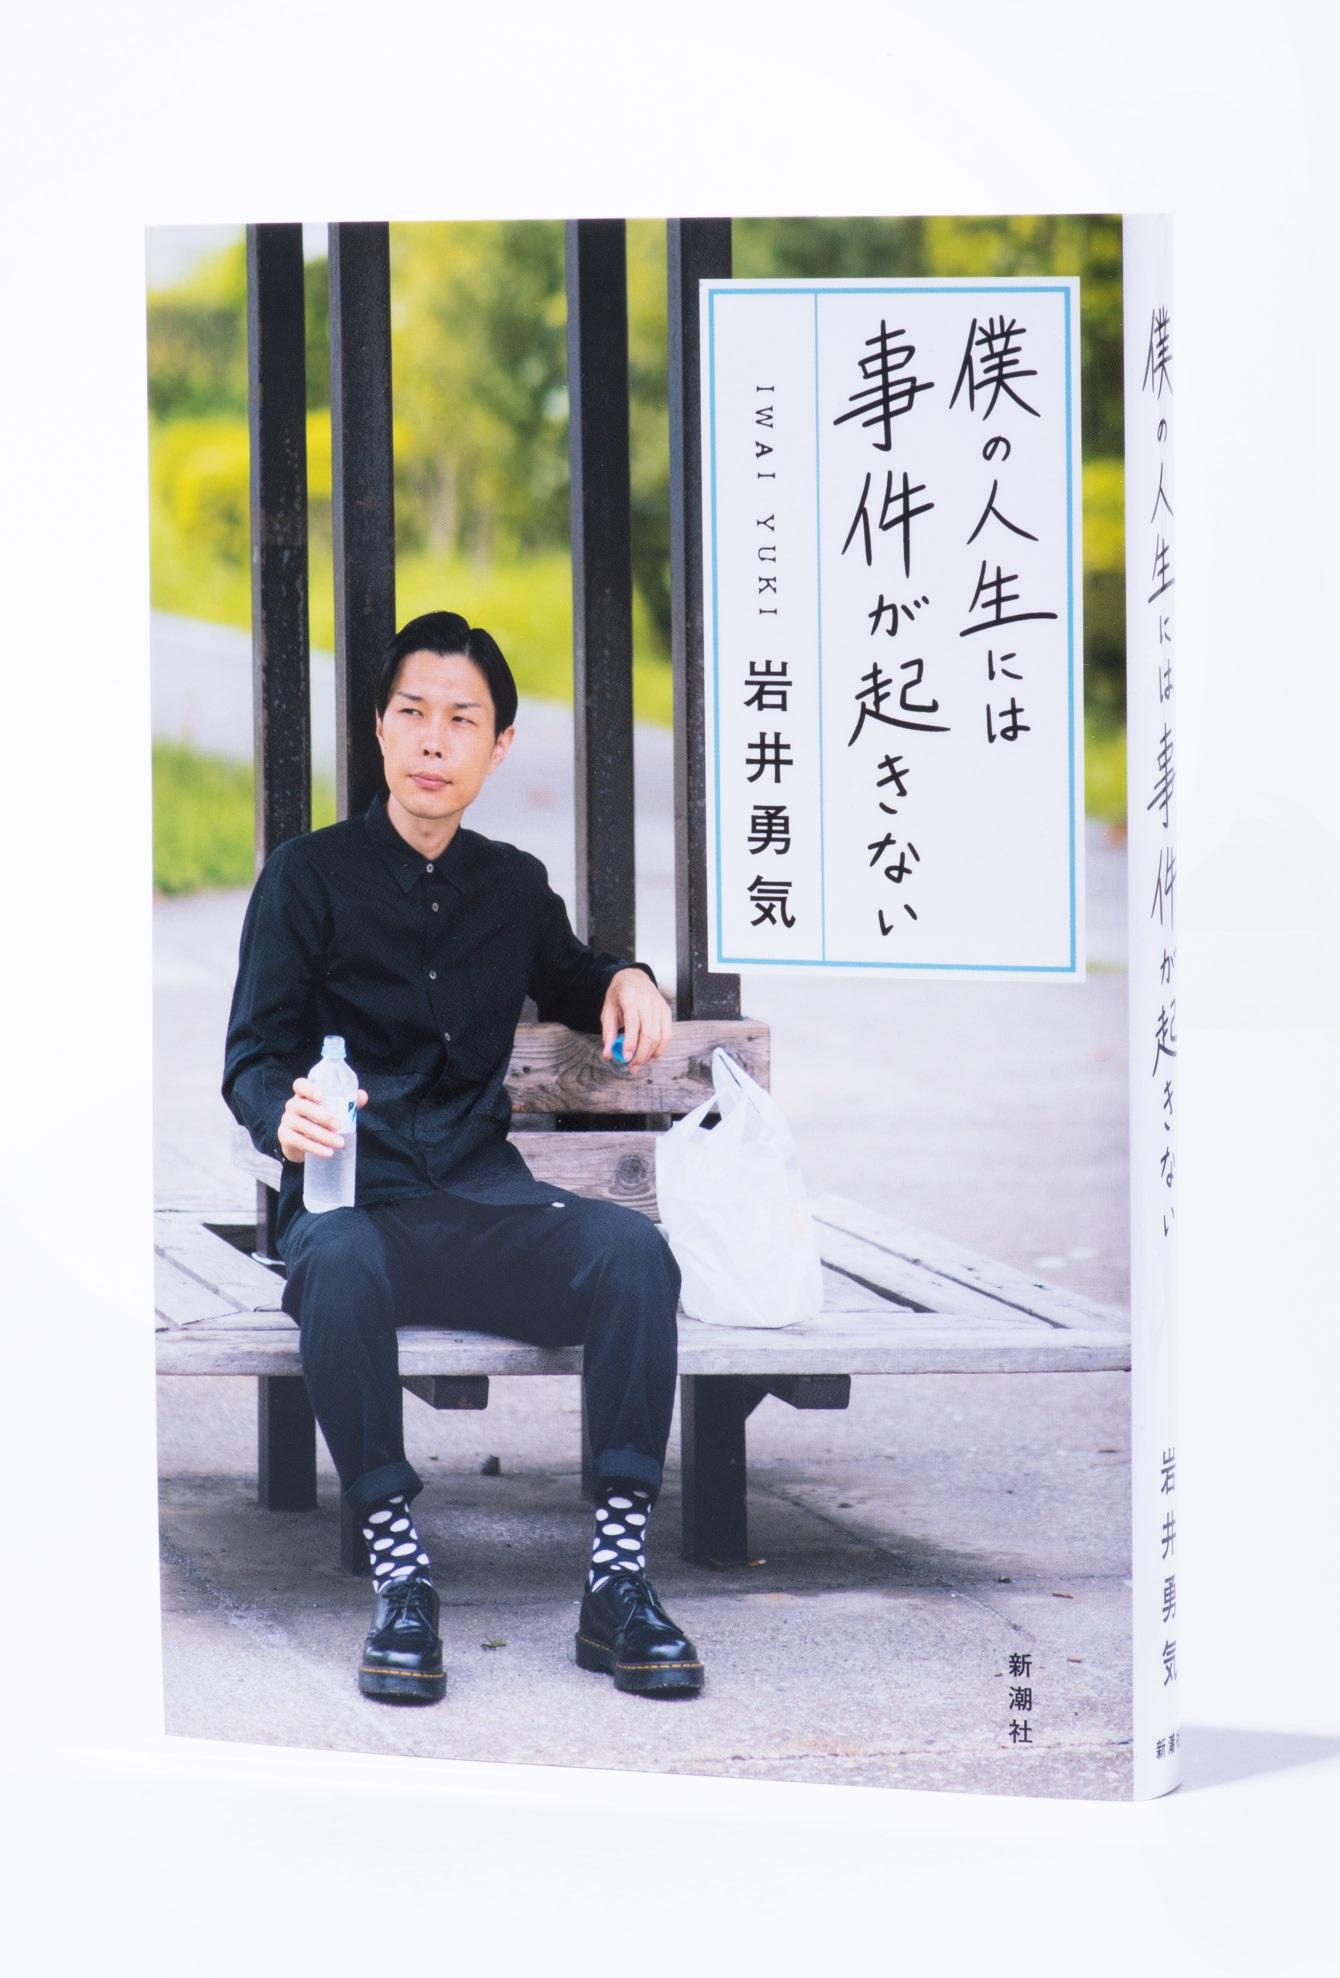 岩井勇気の画像 p1_18